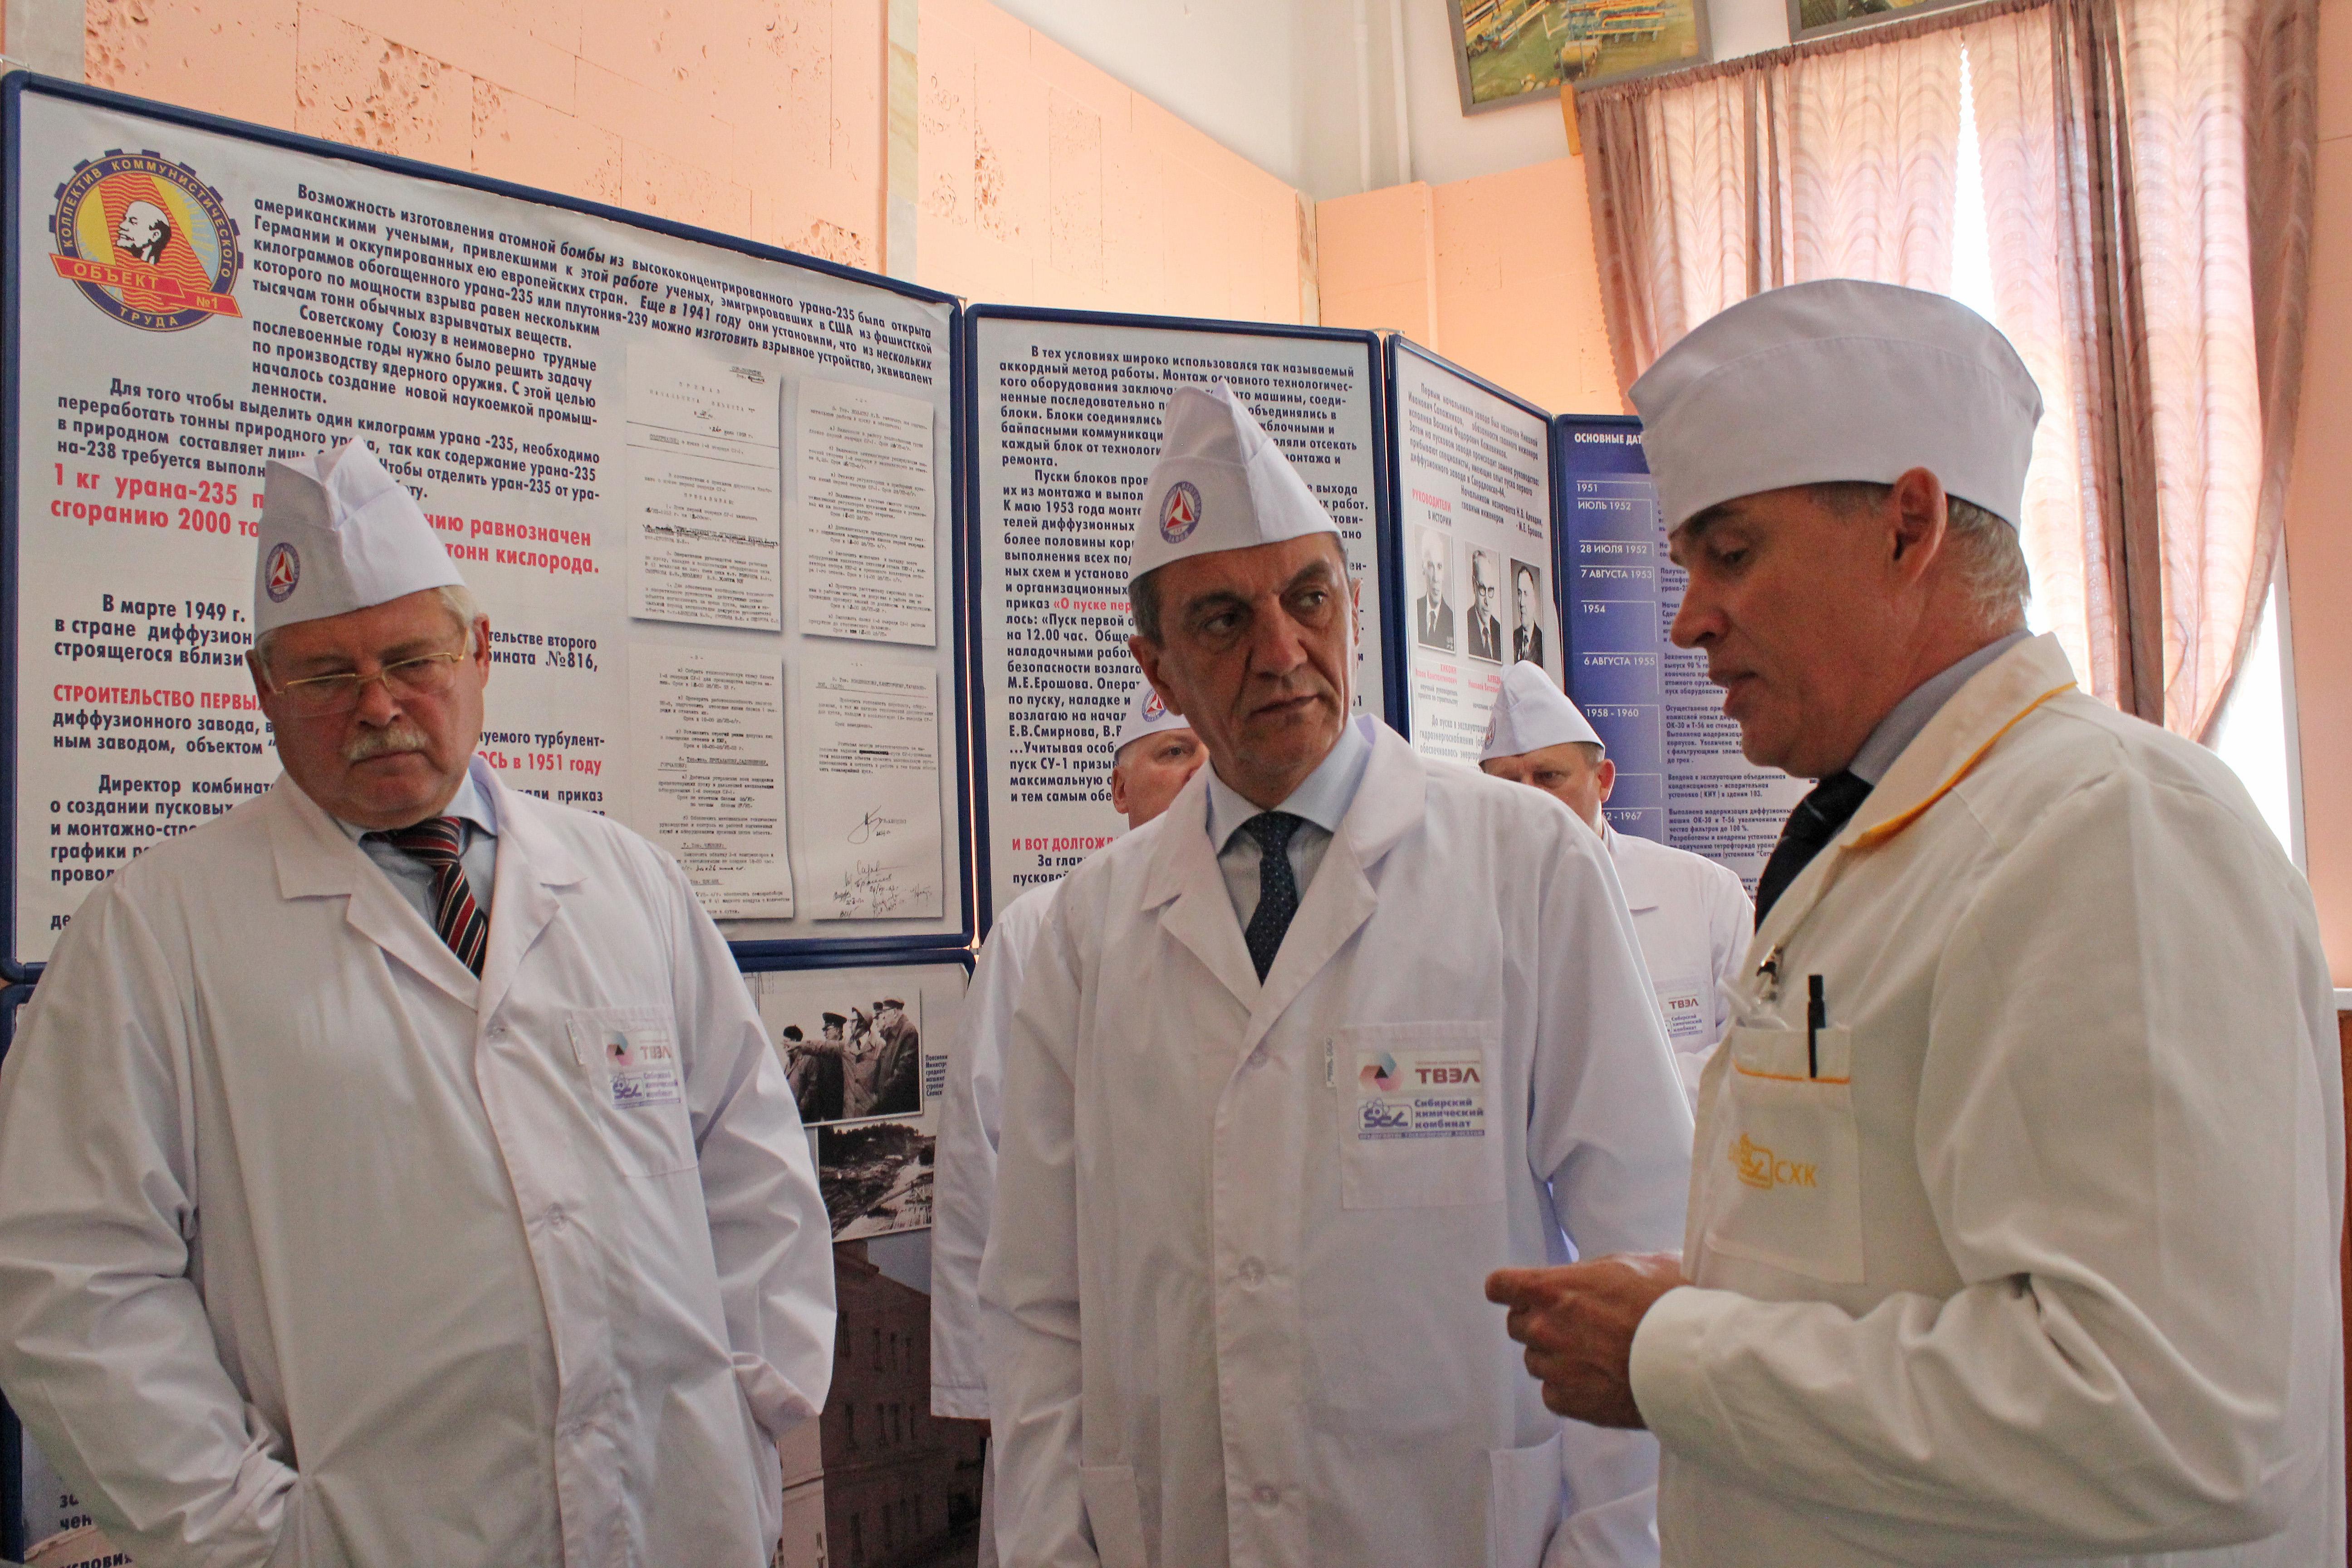 Полпред ознакомился с деятельностью СХК и посетил Самусьский судостроительный завод